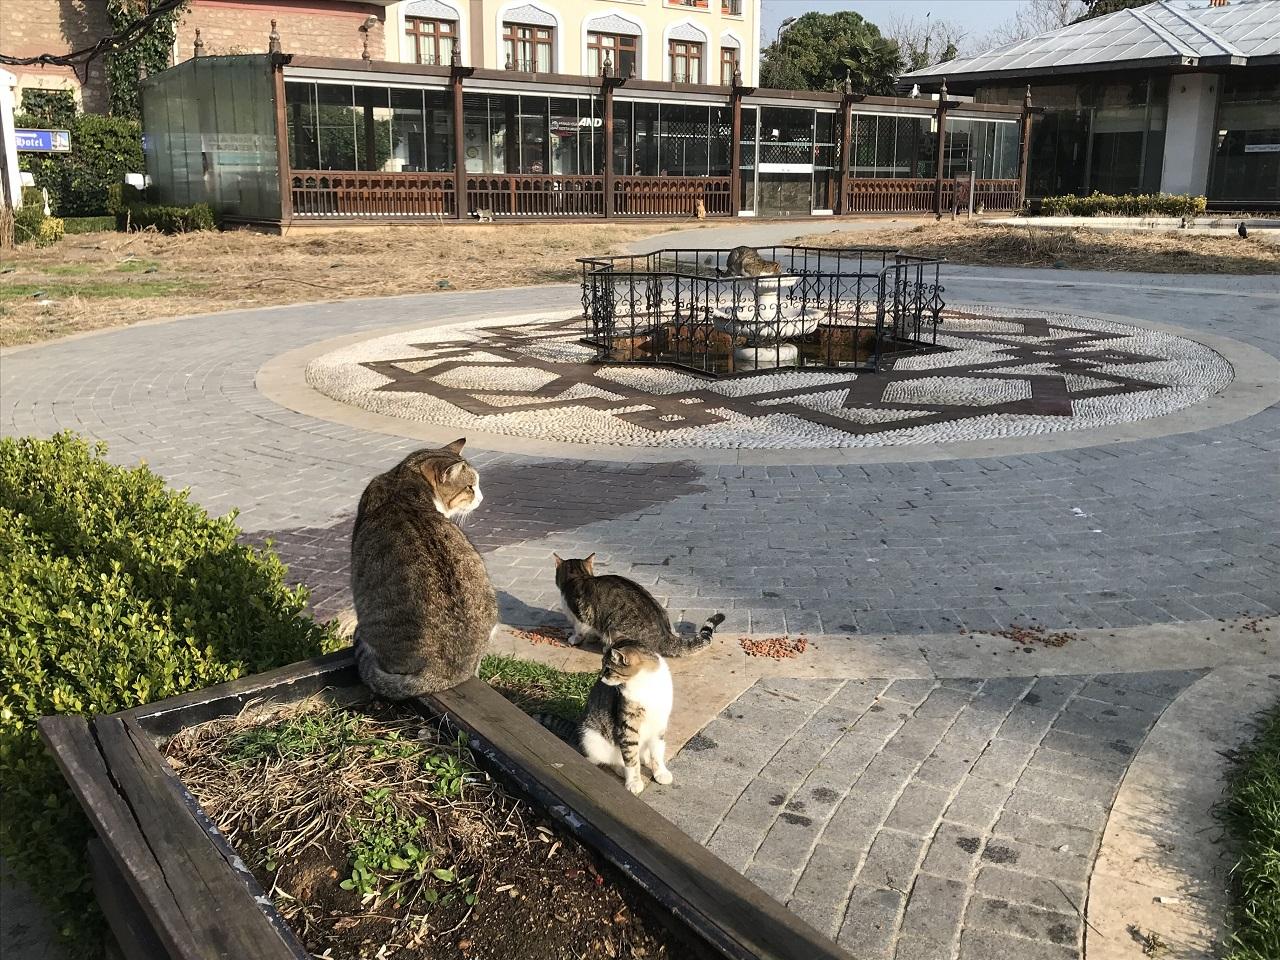 イスタンブールの街には沢山の猫が